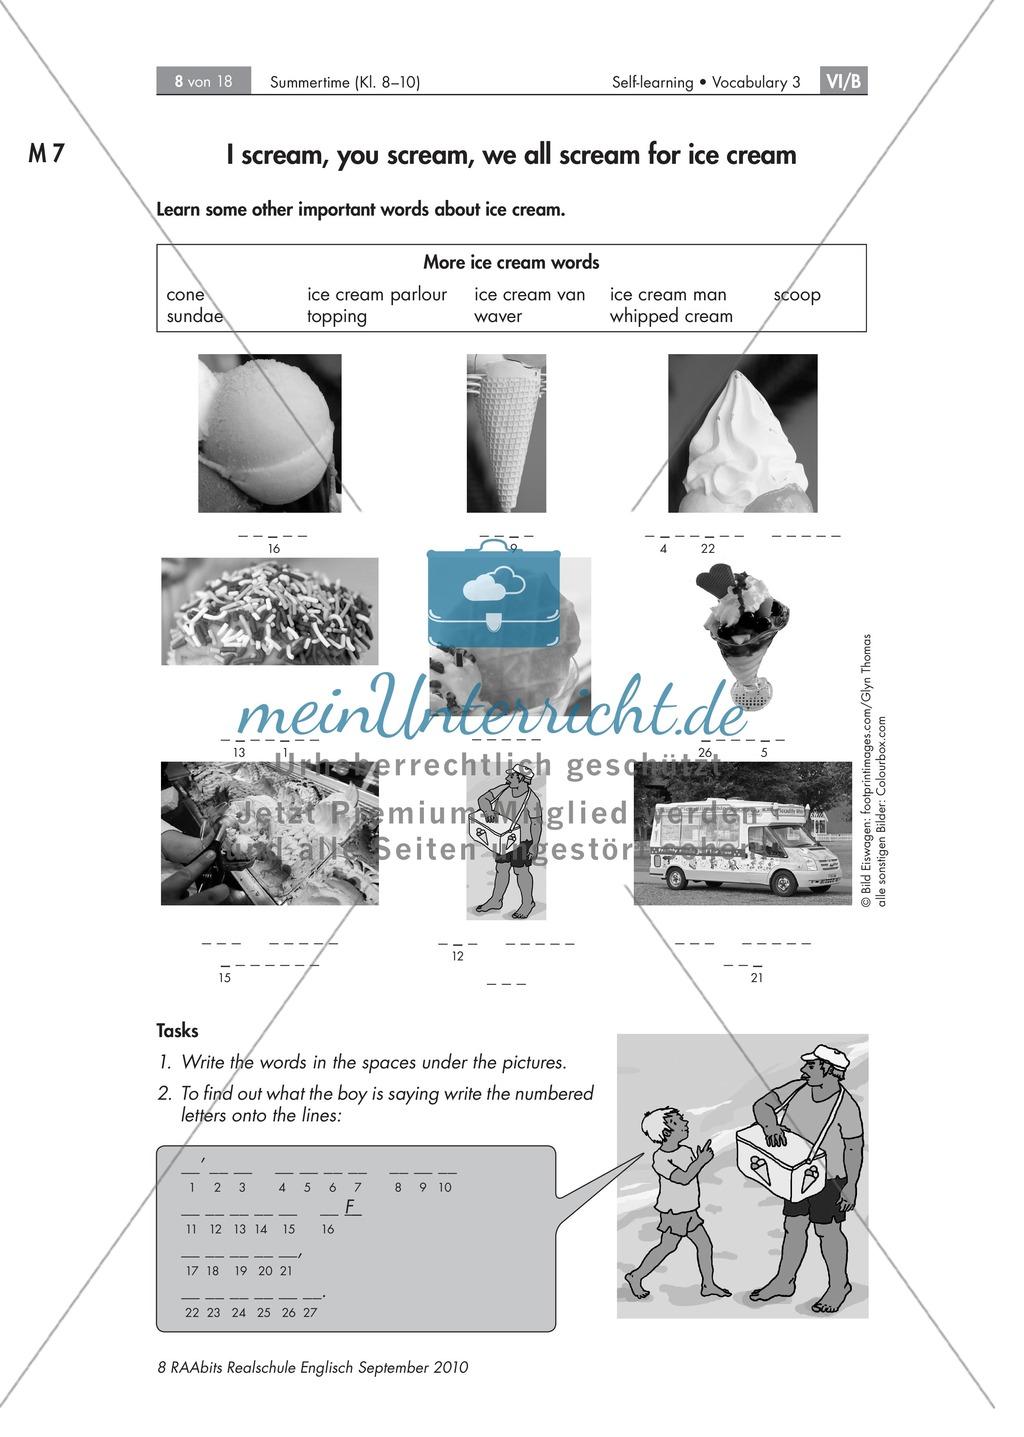 Summertime: Eissorten und weitere Eis-Vokabeln rund ums Thema Sommer, Strand und Eis. Mit Bildern, Sudoku, Lösungen dazu und didaktischen Erläuterungen. Preview 2